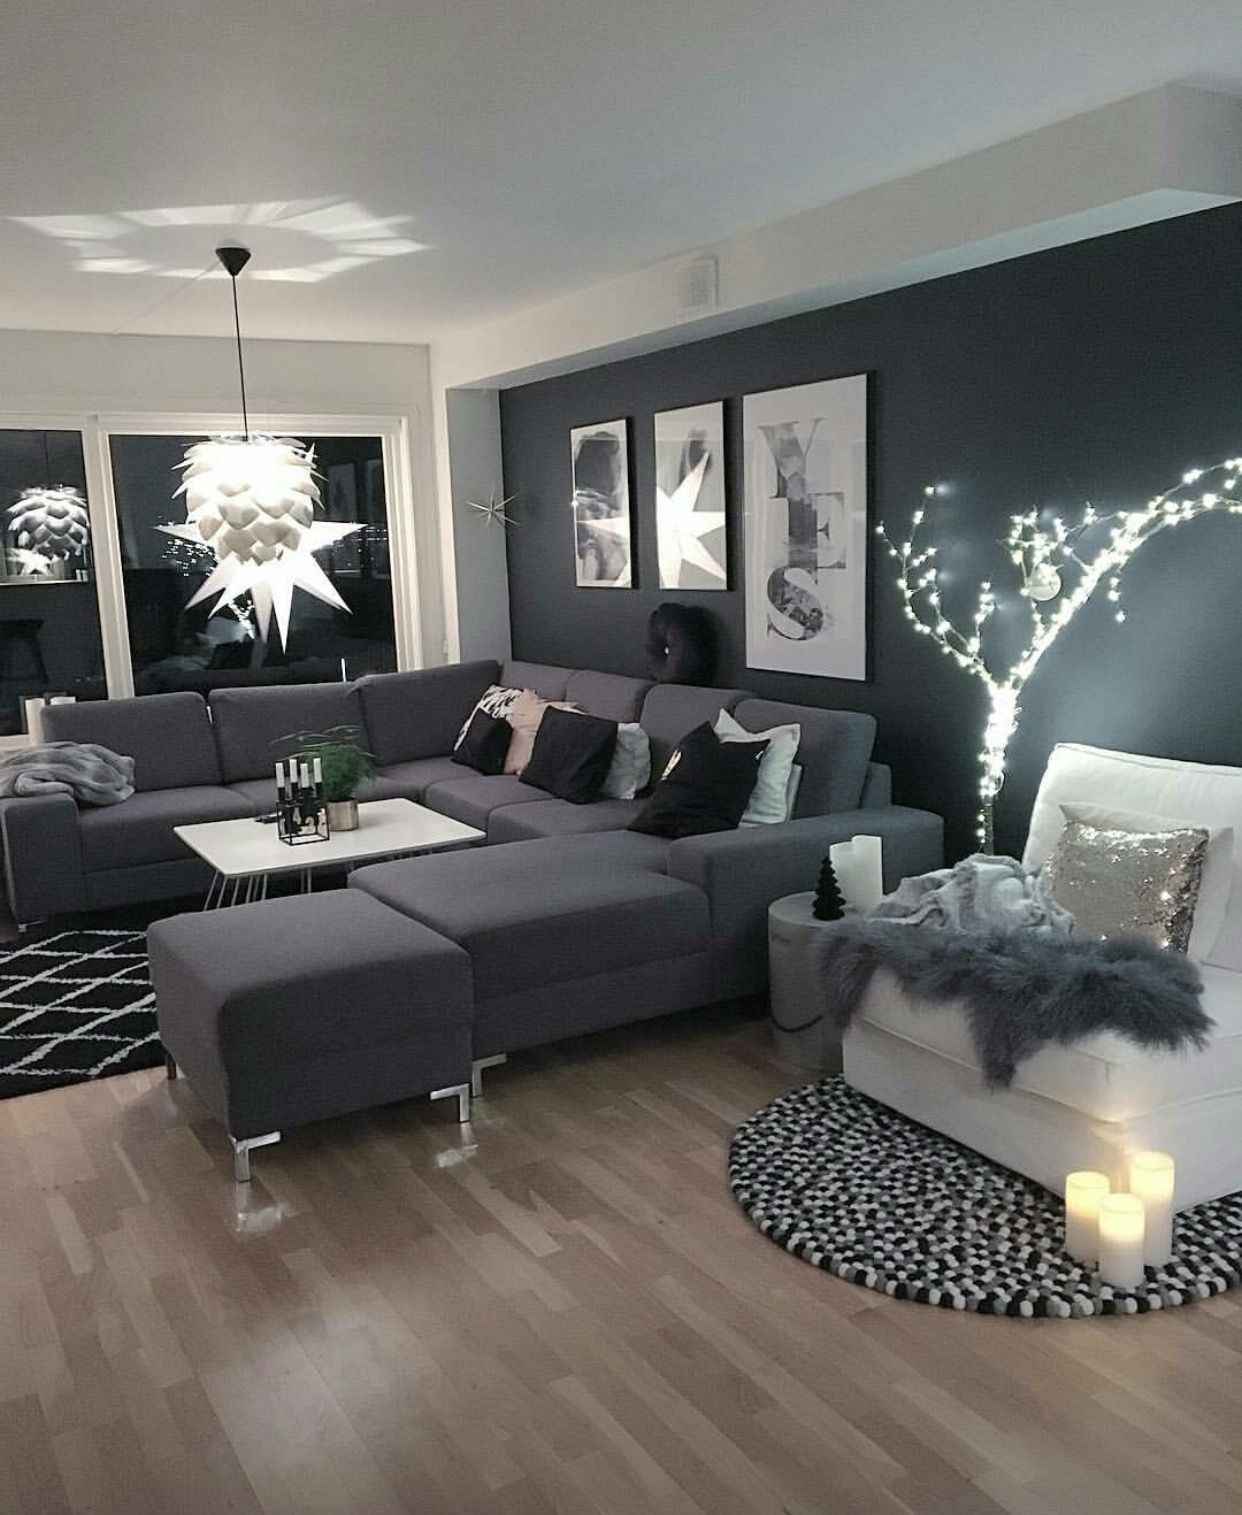 Light Grey Living Room Ideas 2019 In 2020 Black Living Room Decor Living Room Grey Black And White Living Room